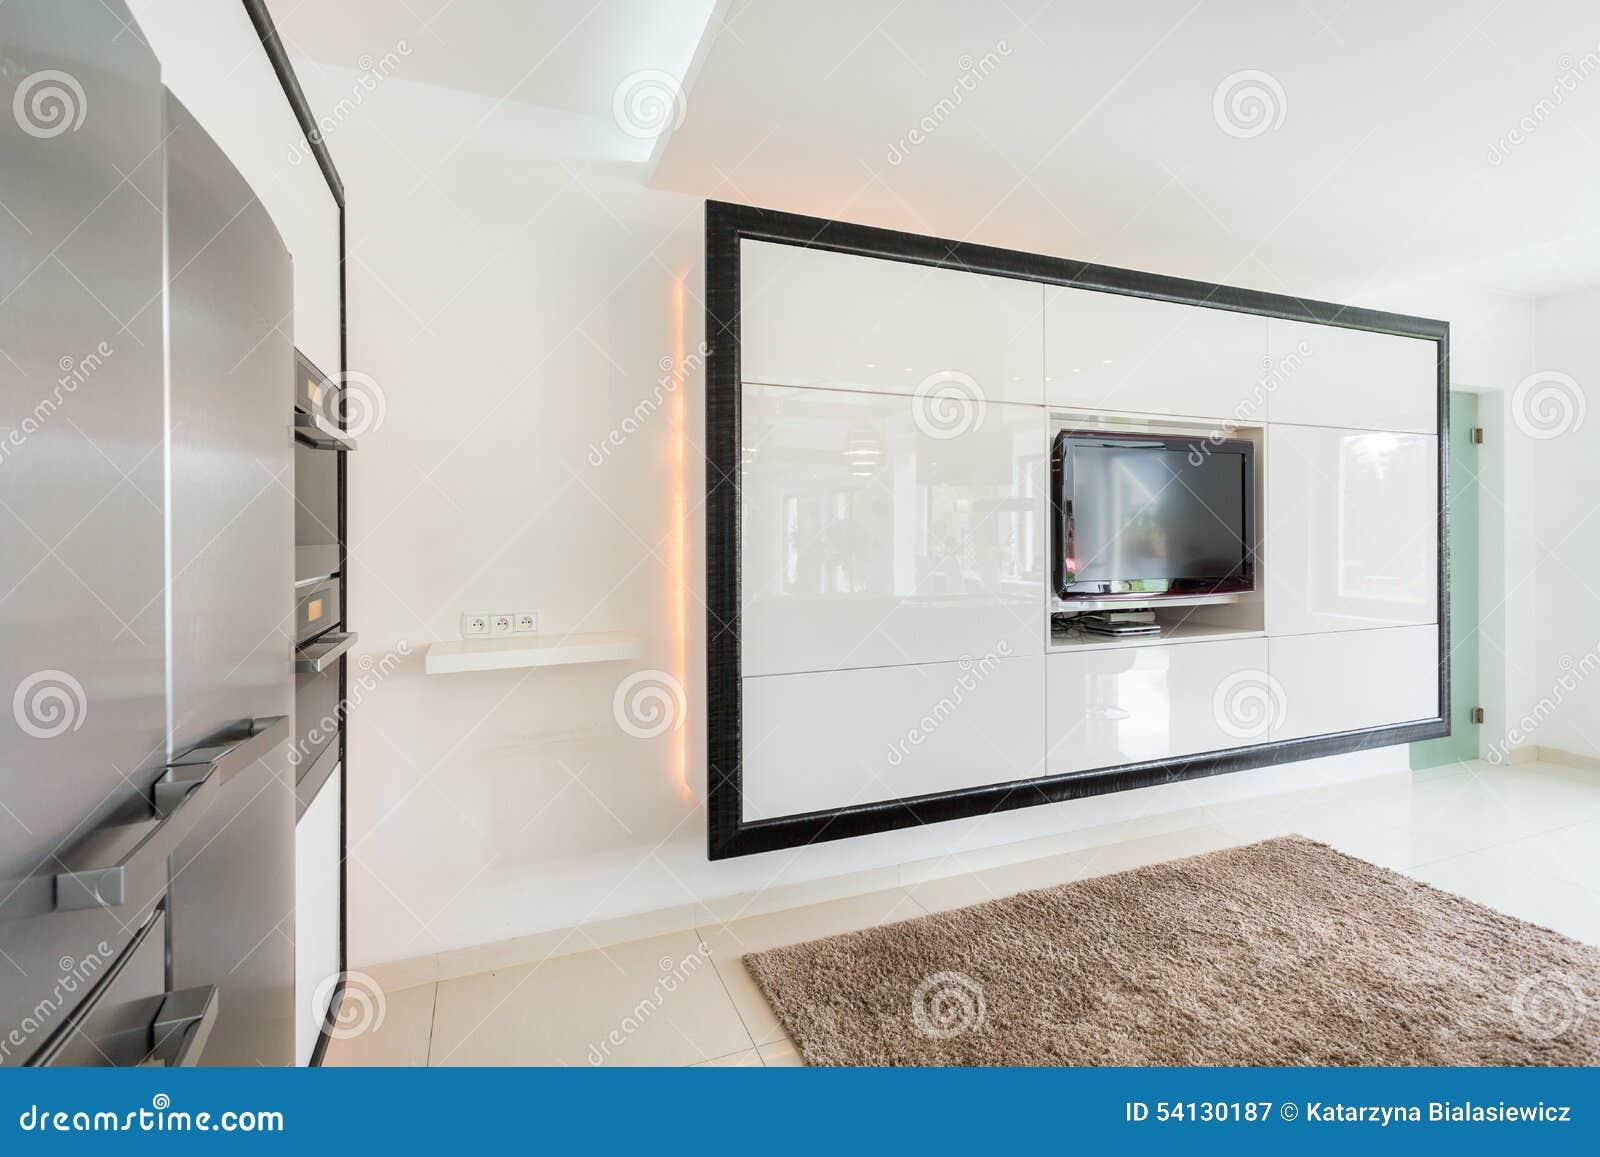 Enorm tv på väggen i vardagsrum arkivfoto   bild: 54130187